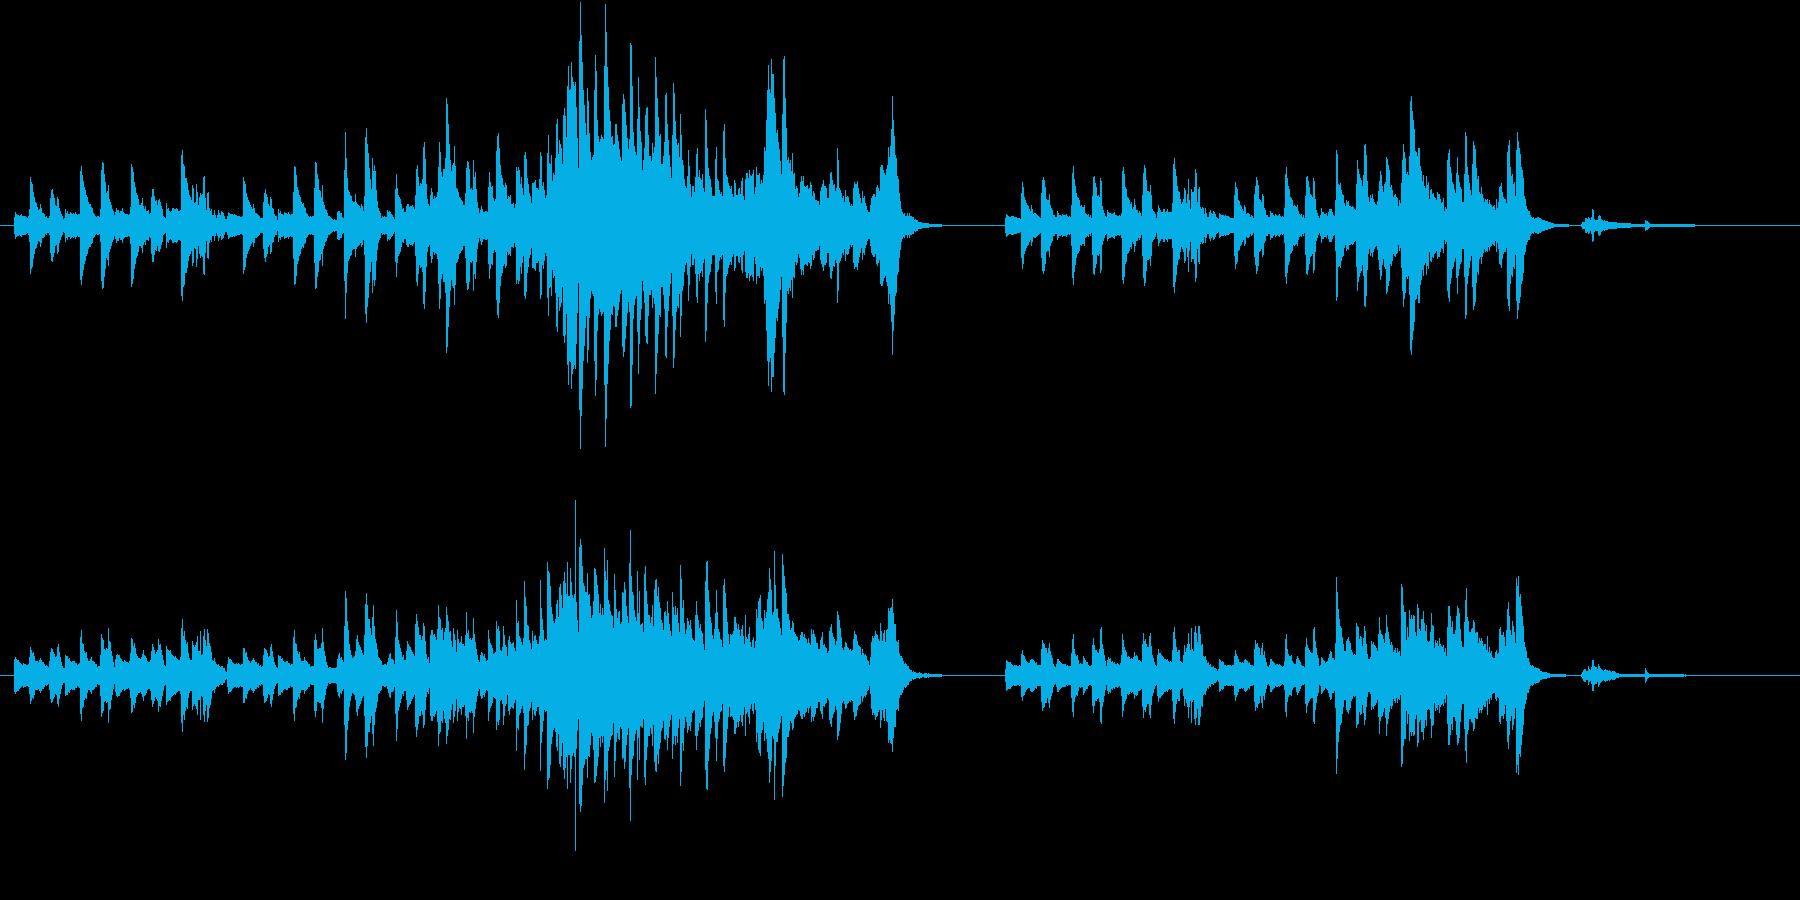 即興的でかっこいいピアノのオリジナル曲の再生済みの波形